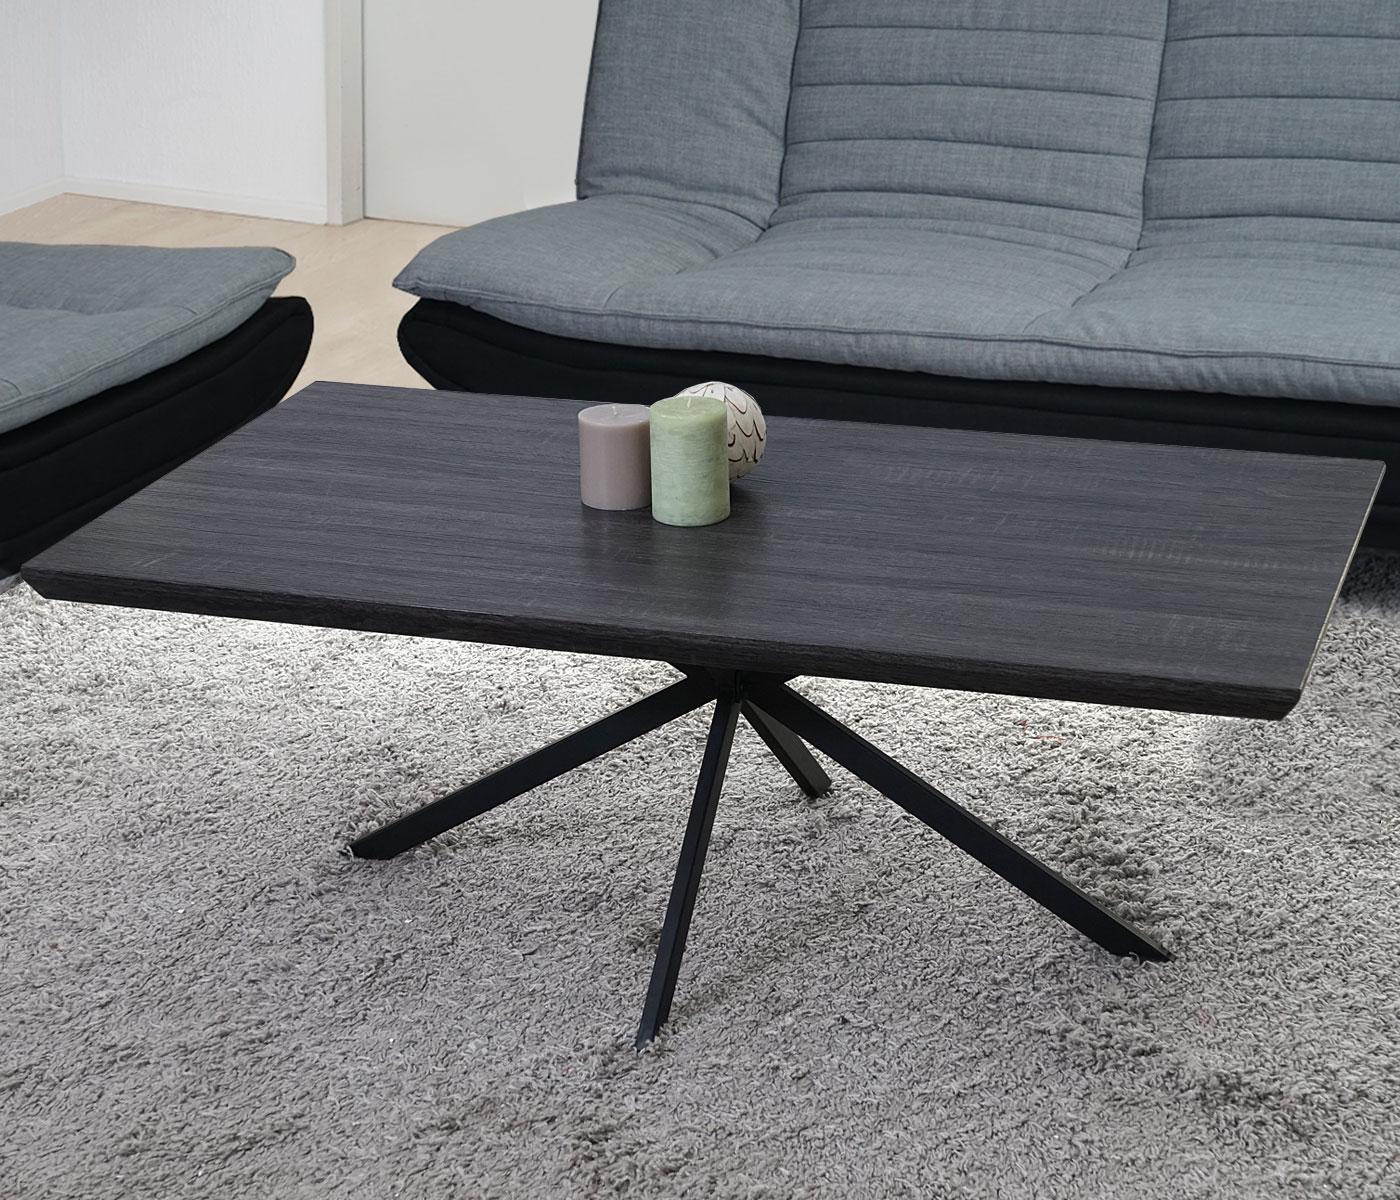 couchtisch kos t577 wohnzimmertisch fsc 40x110x60cm eiche optik metall f e ebay. Black Bedroom Furniture Sets. Home Design Ideas